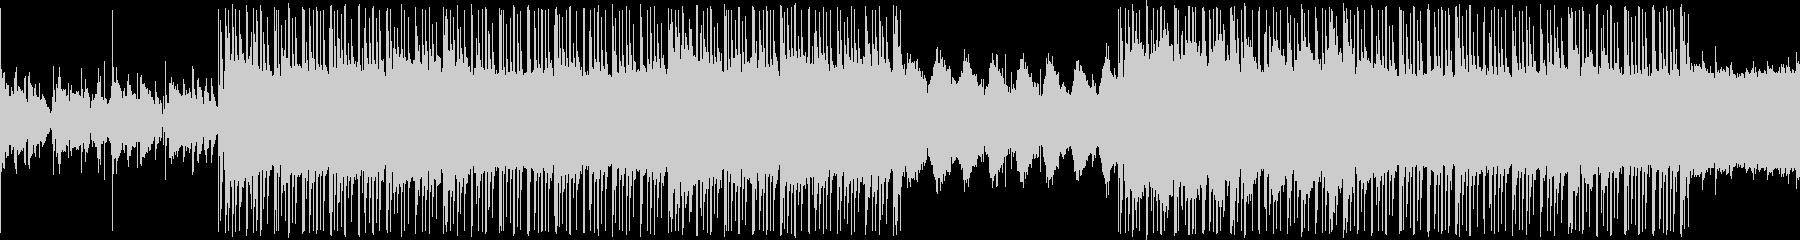 ローファイ ヒップホップの未再生の波形